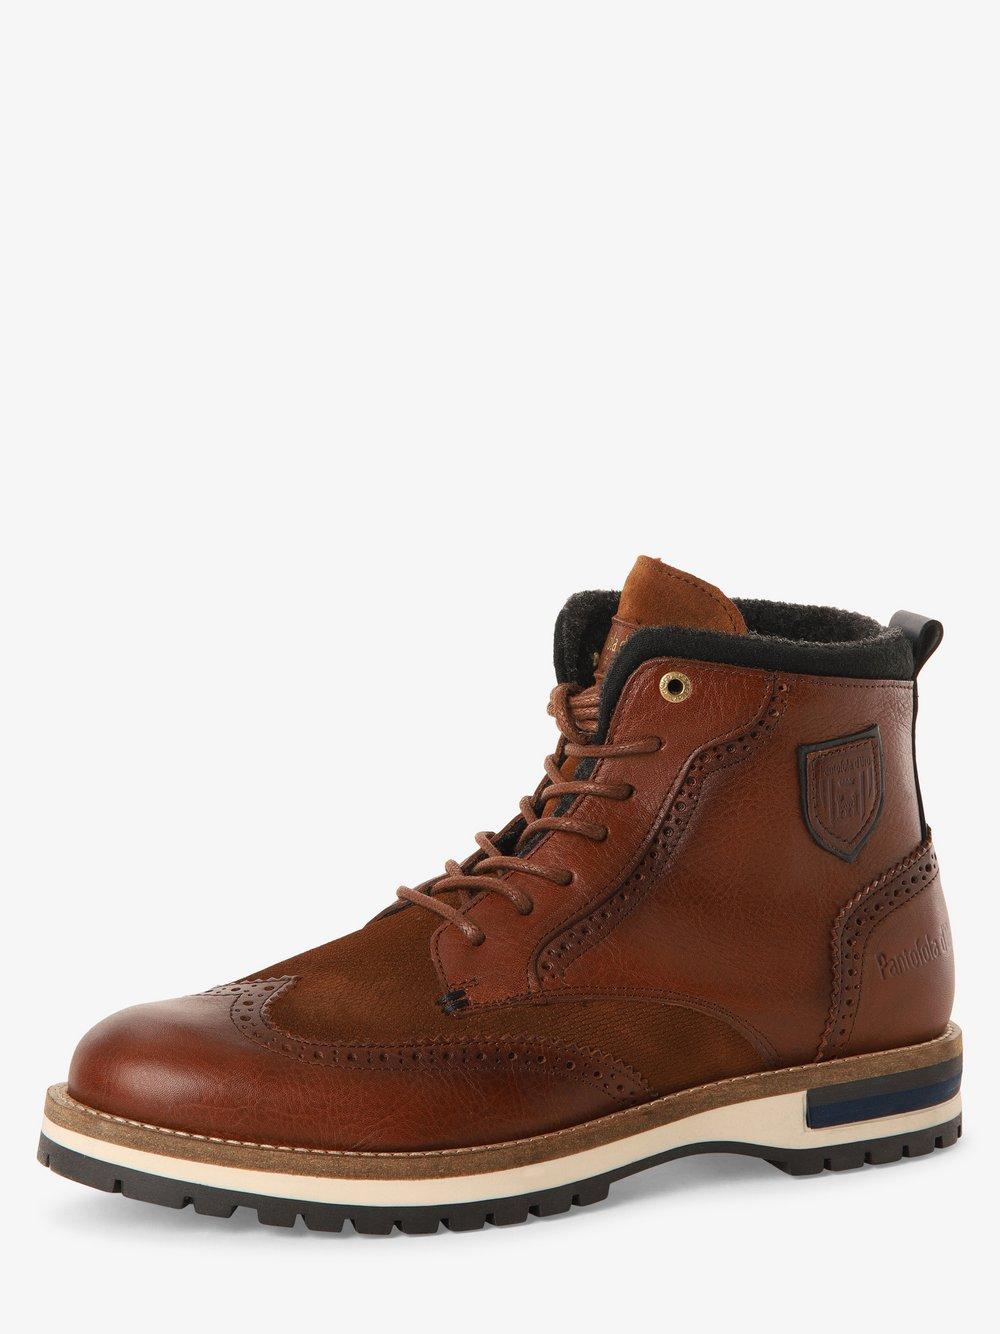 Pantofola d'Oro - Kozaki męskie ze skóry, brązowy